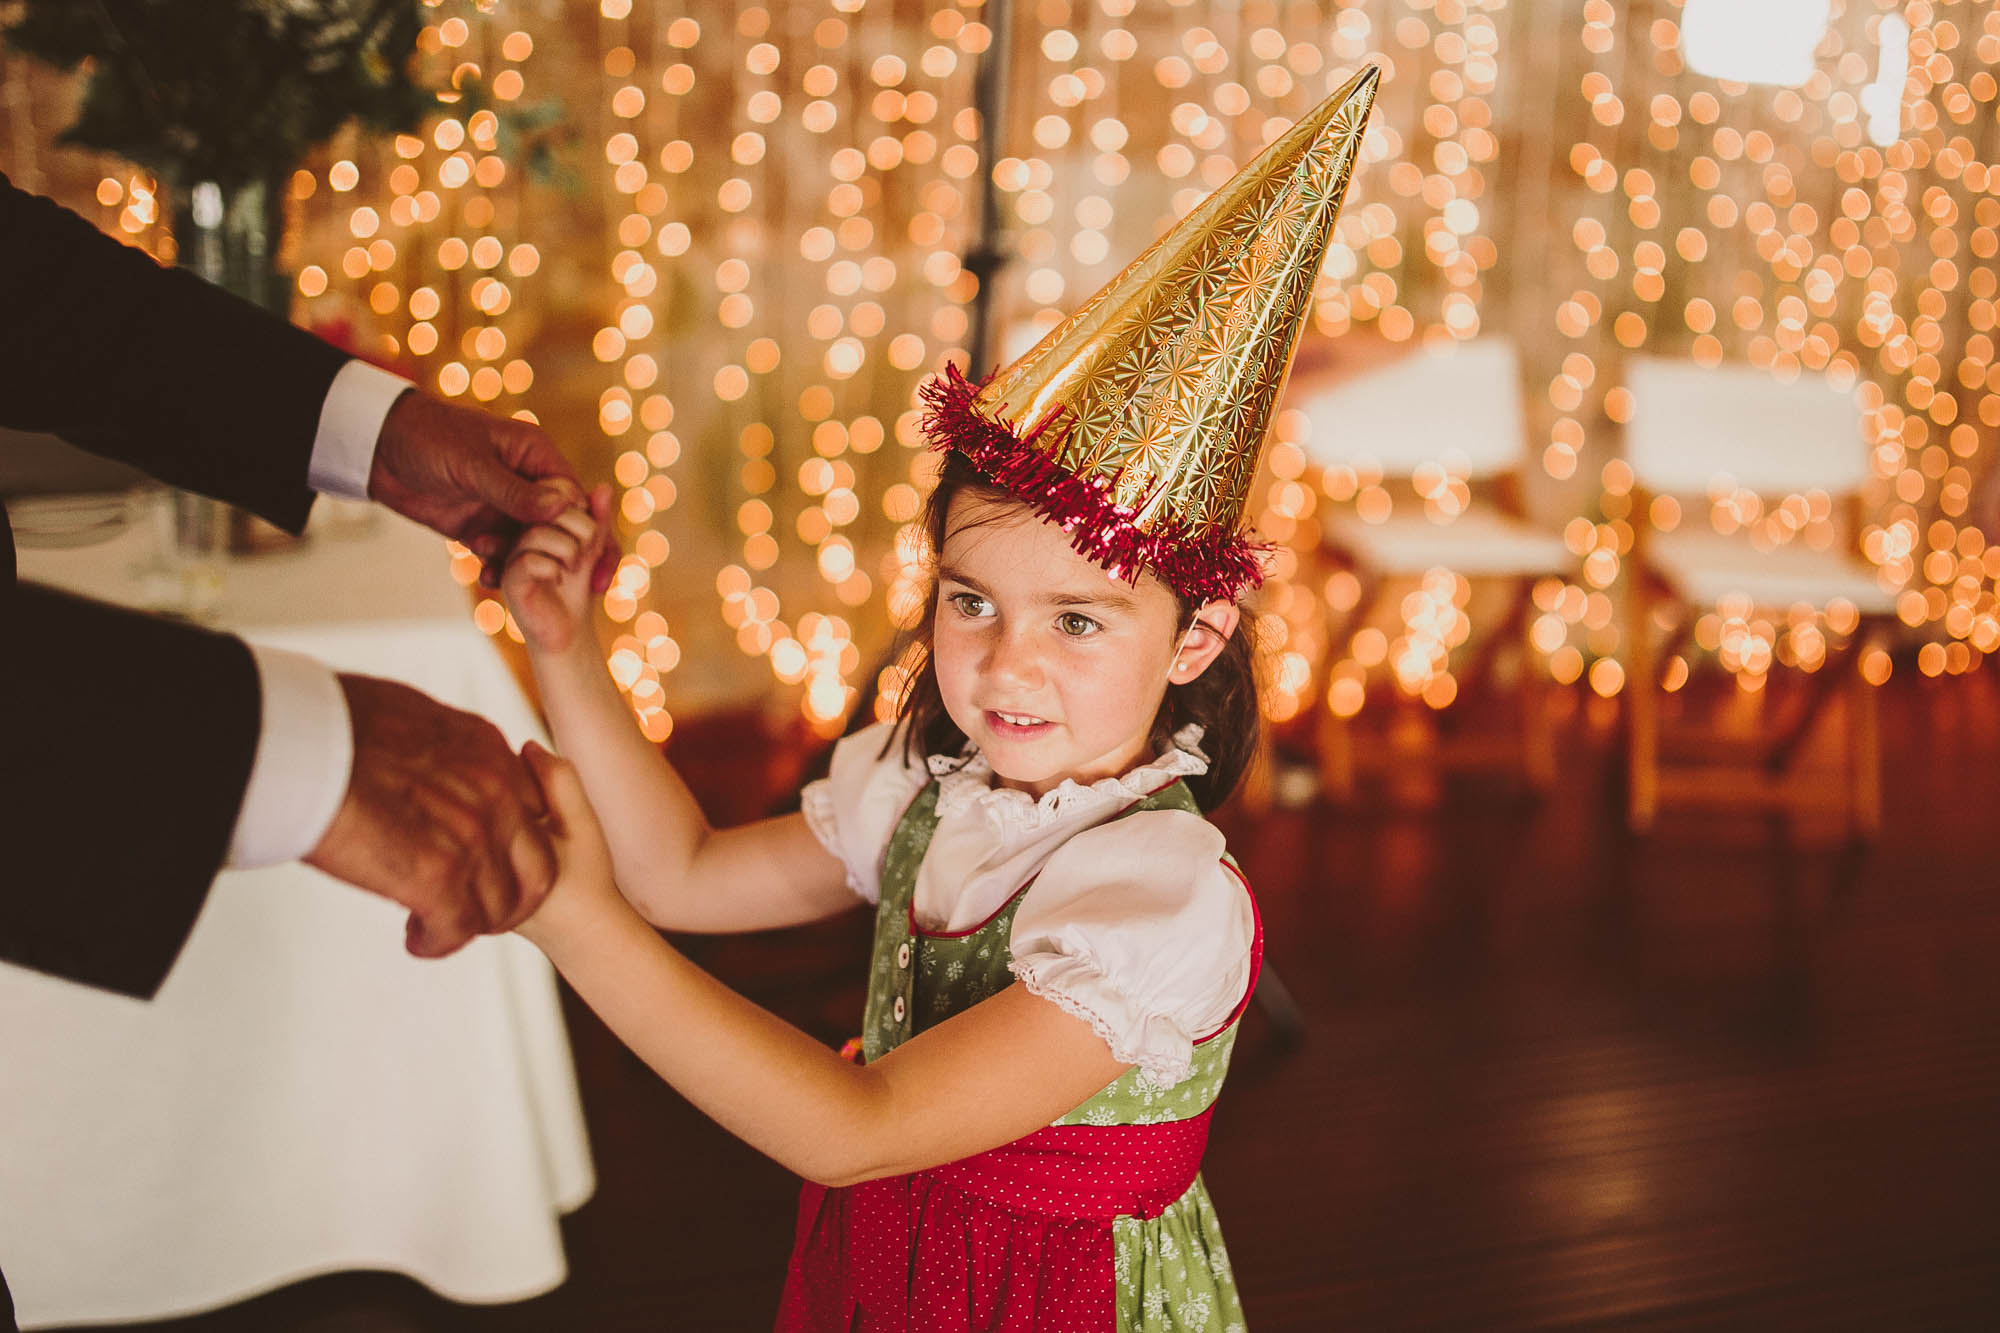 Una Niña baila durante la fiesta